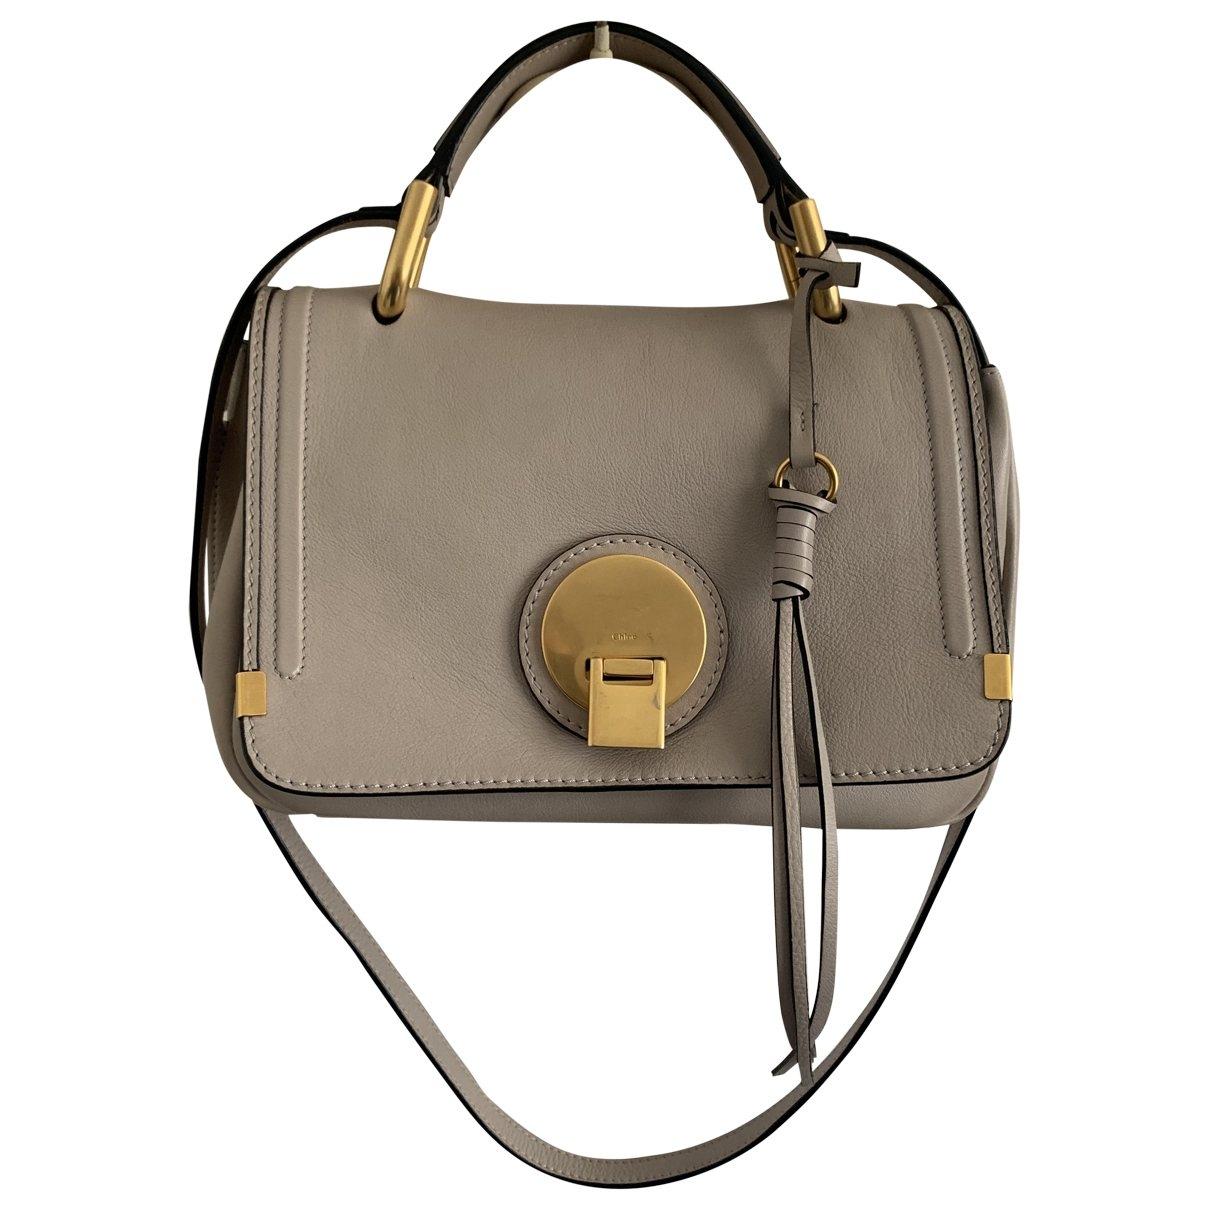 Chloe \N Handtasche in  Grau Leder